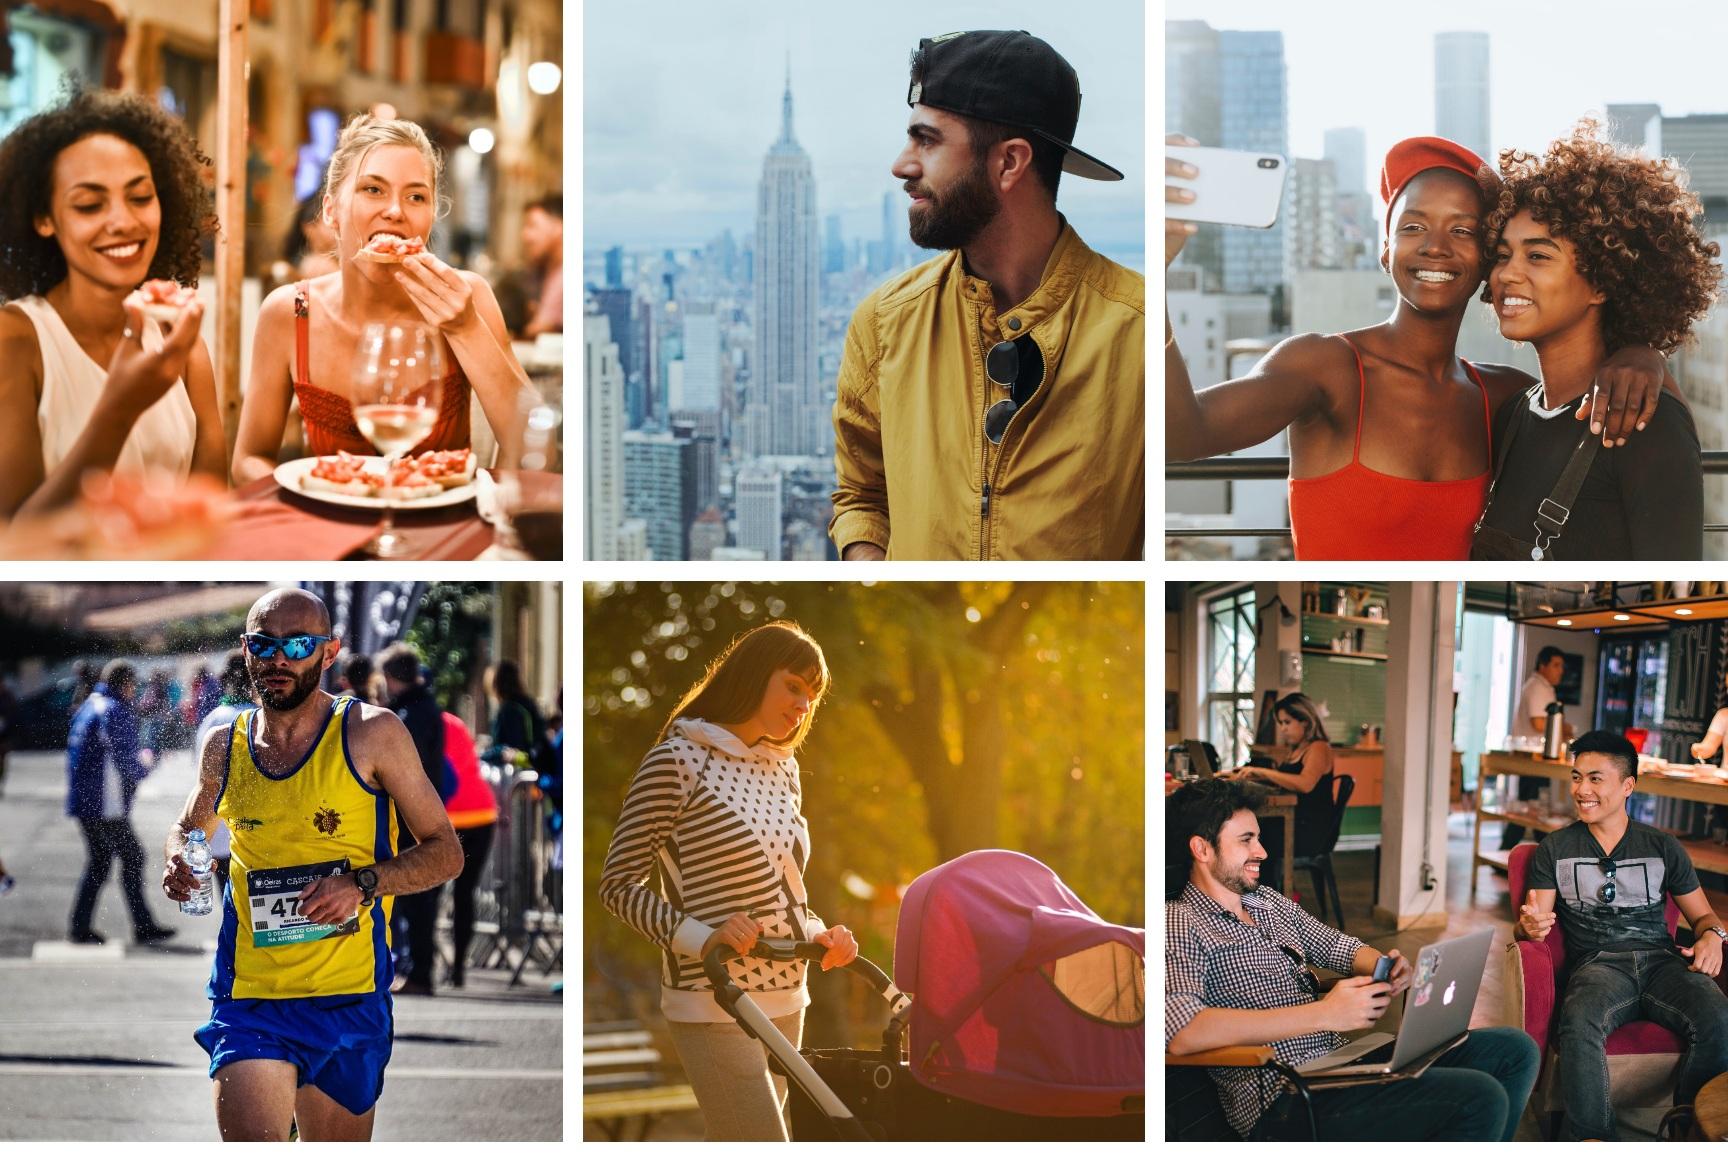 millennial cities_1.png